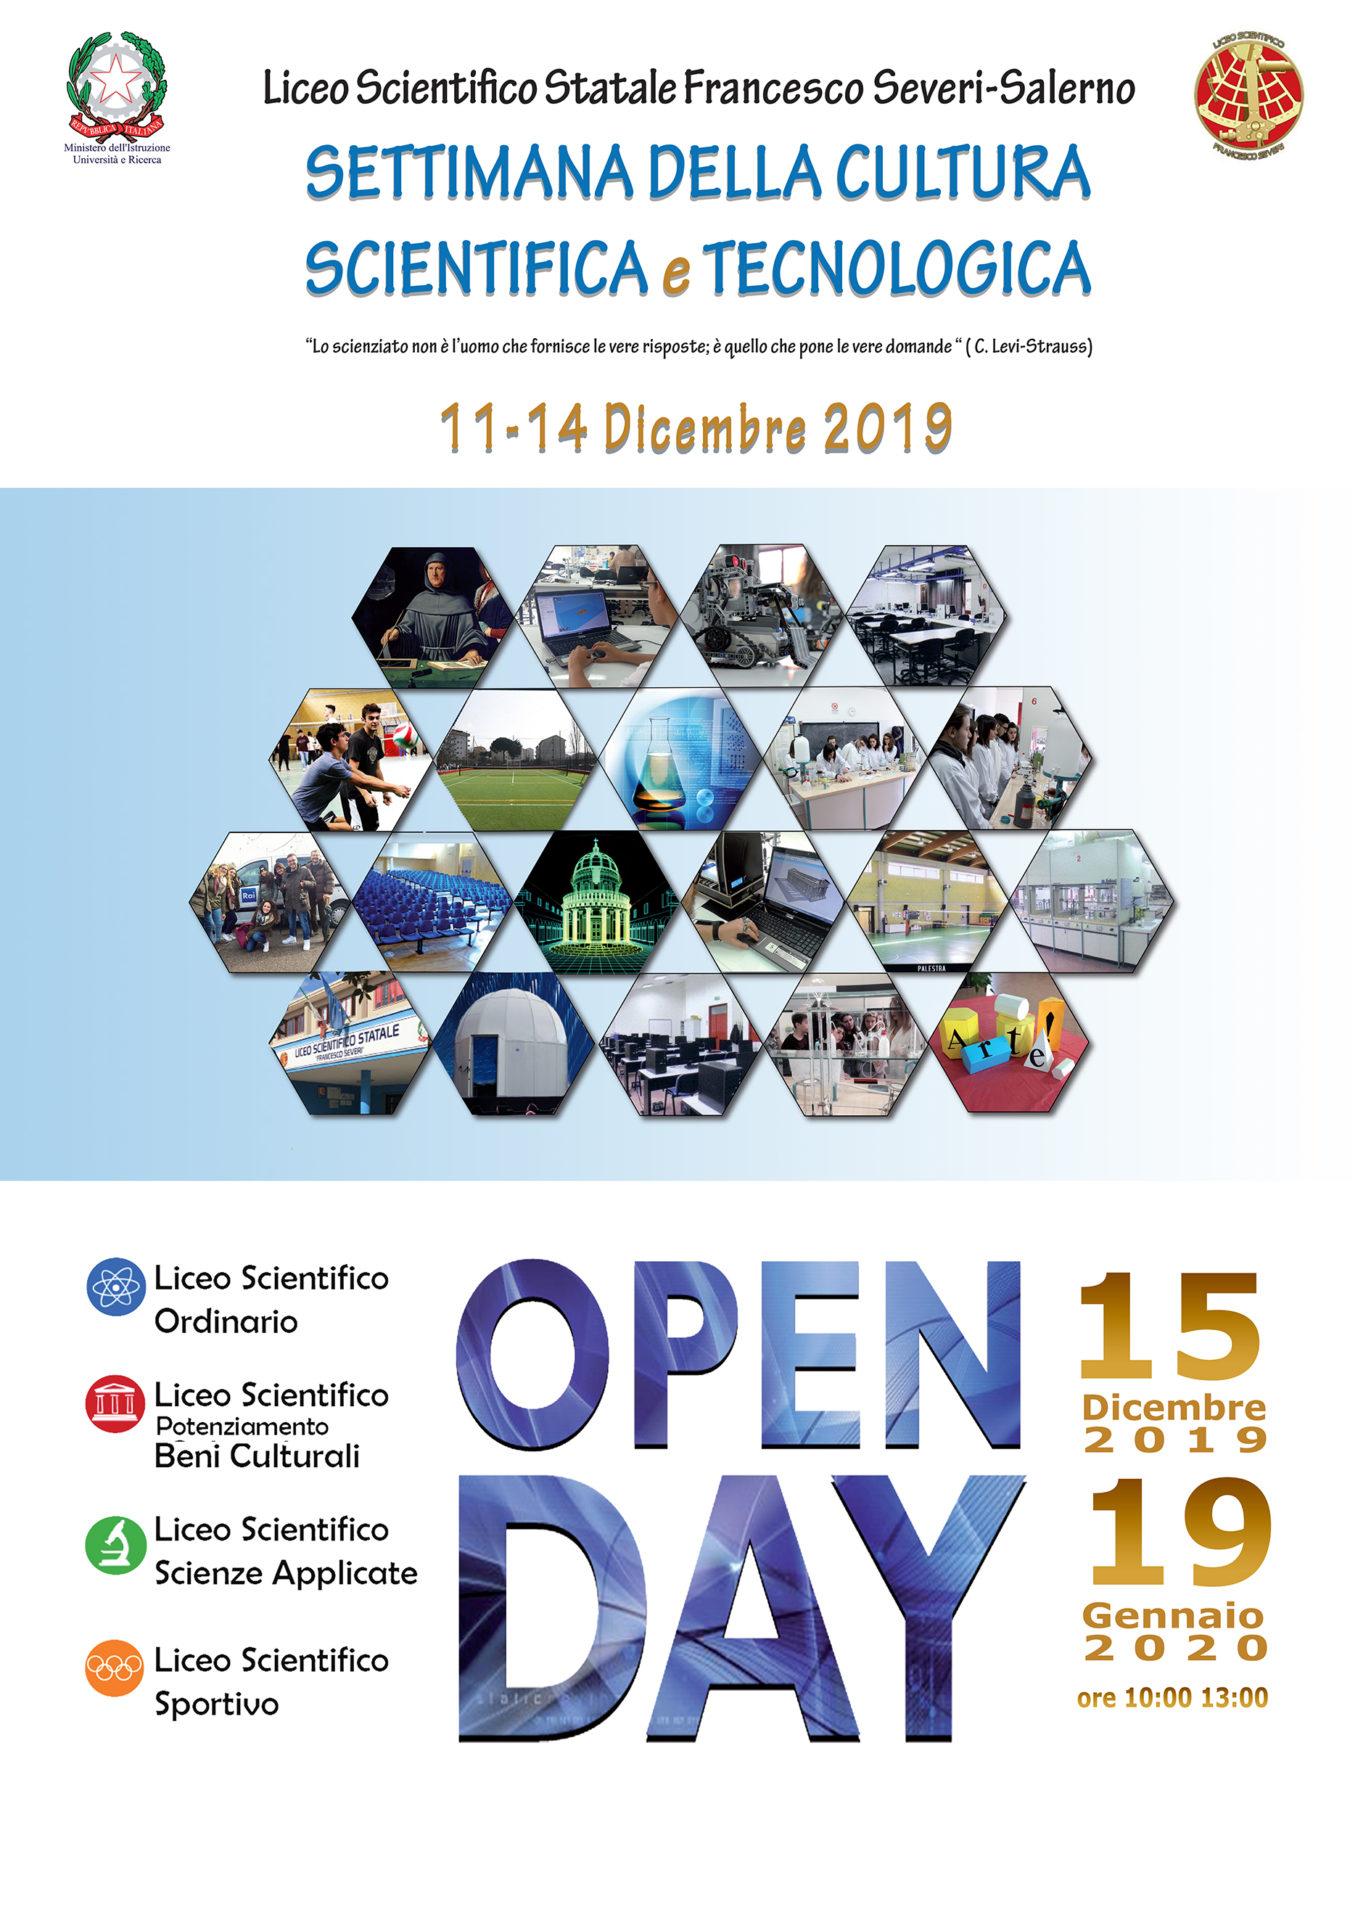 Open Day 11-14 Dicembre 2019